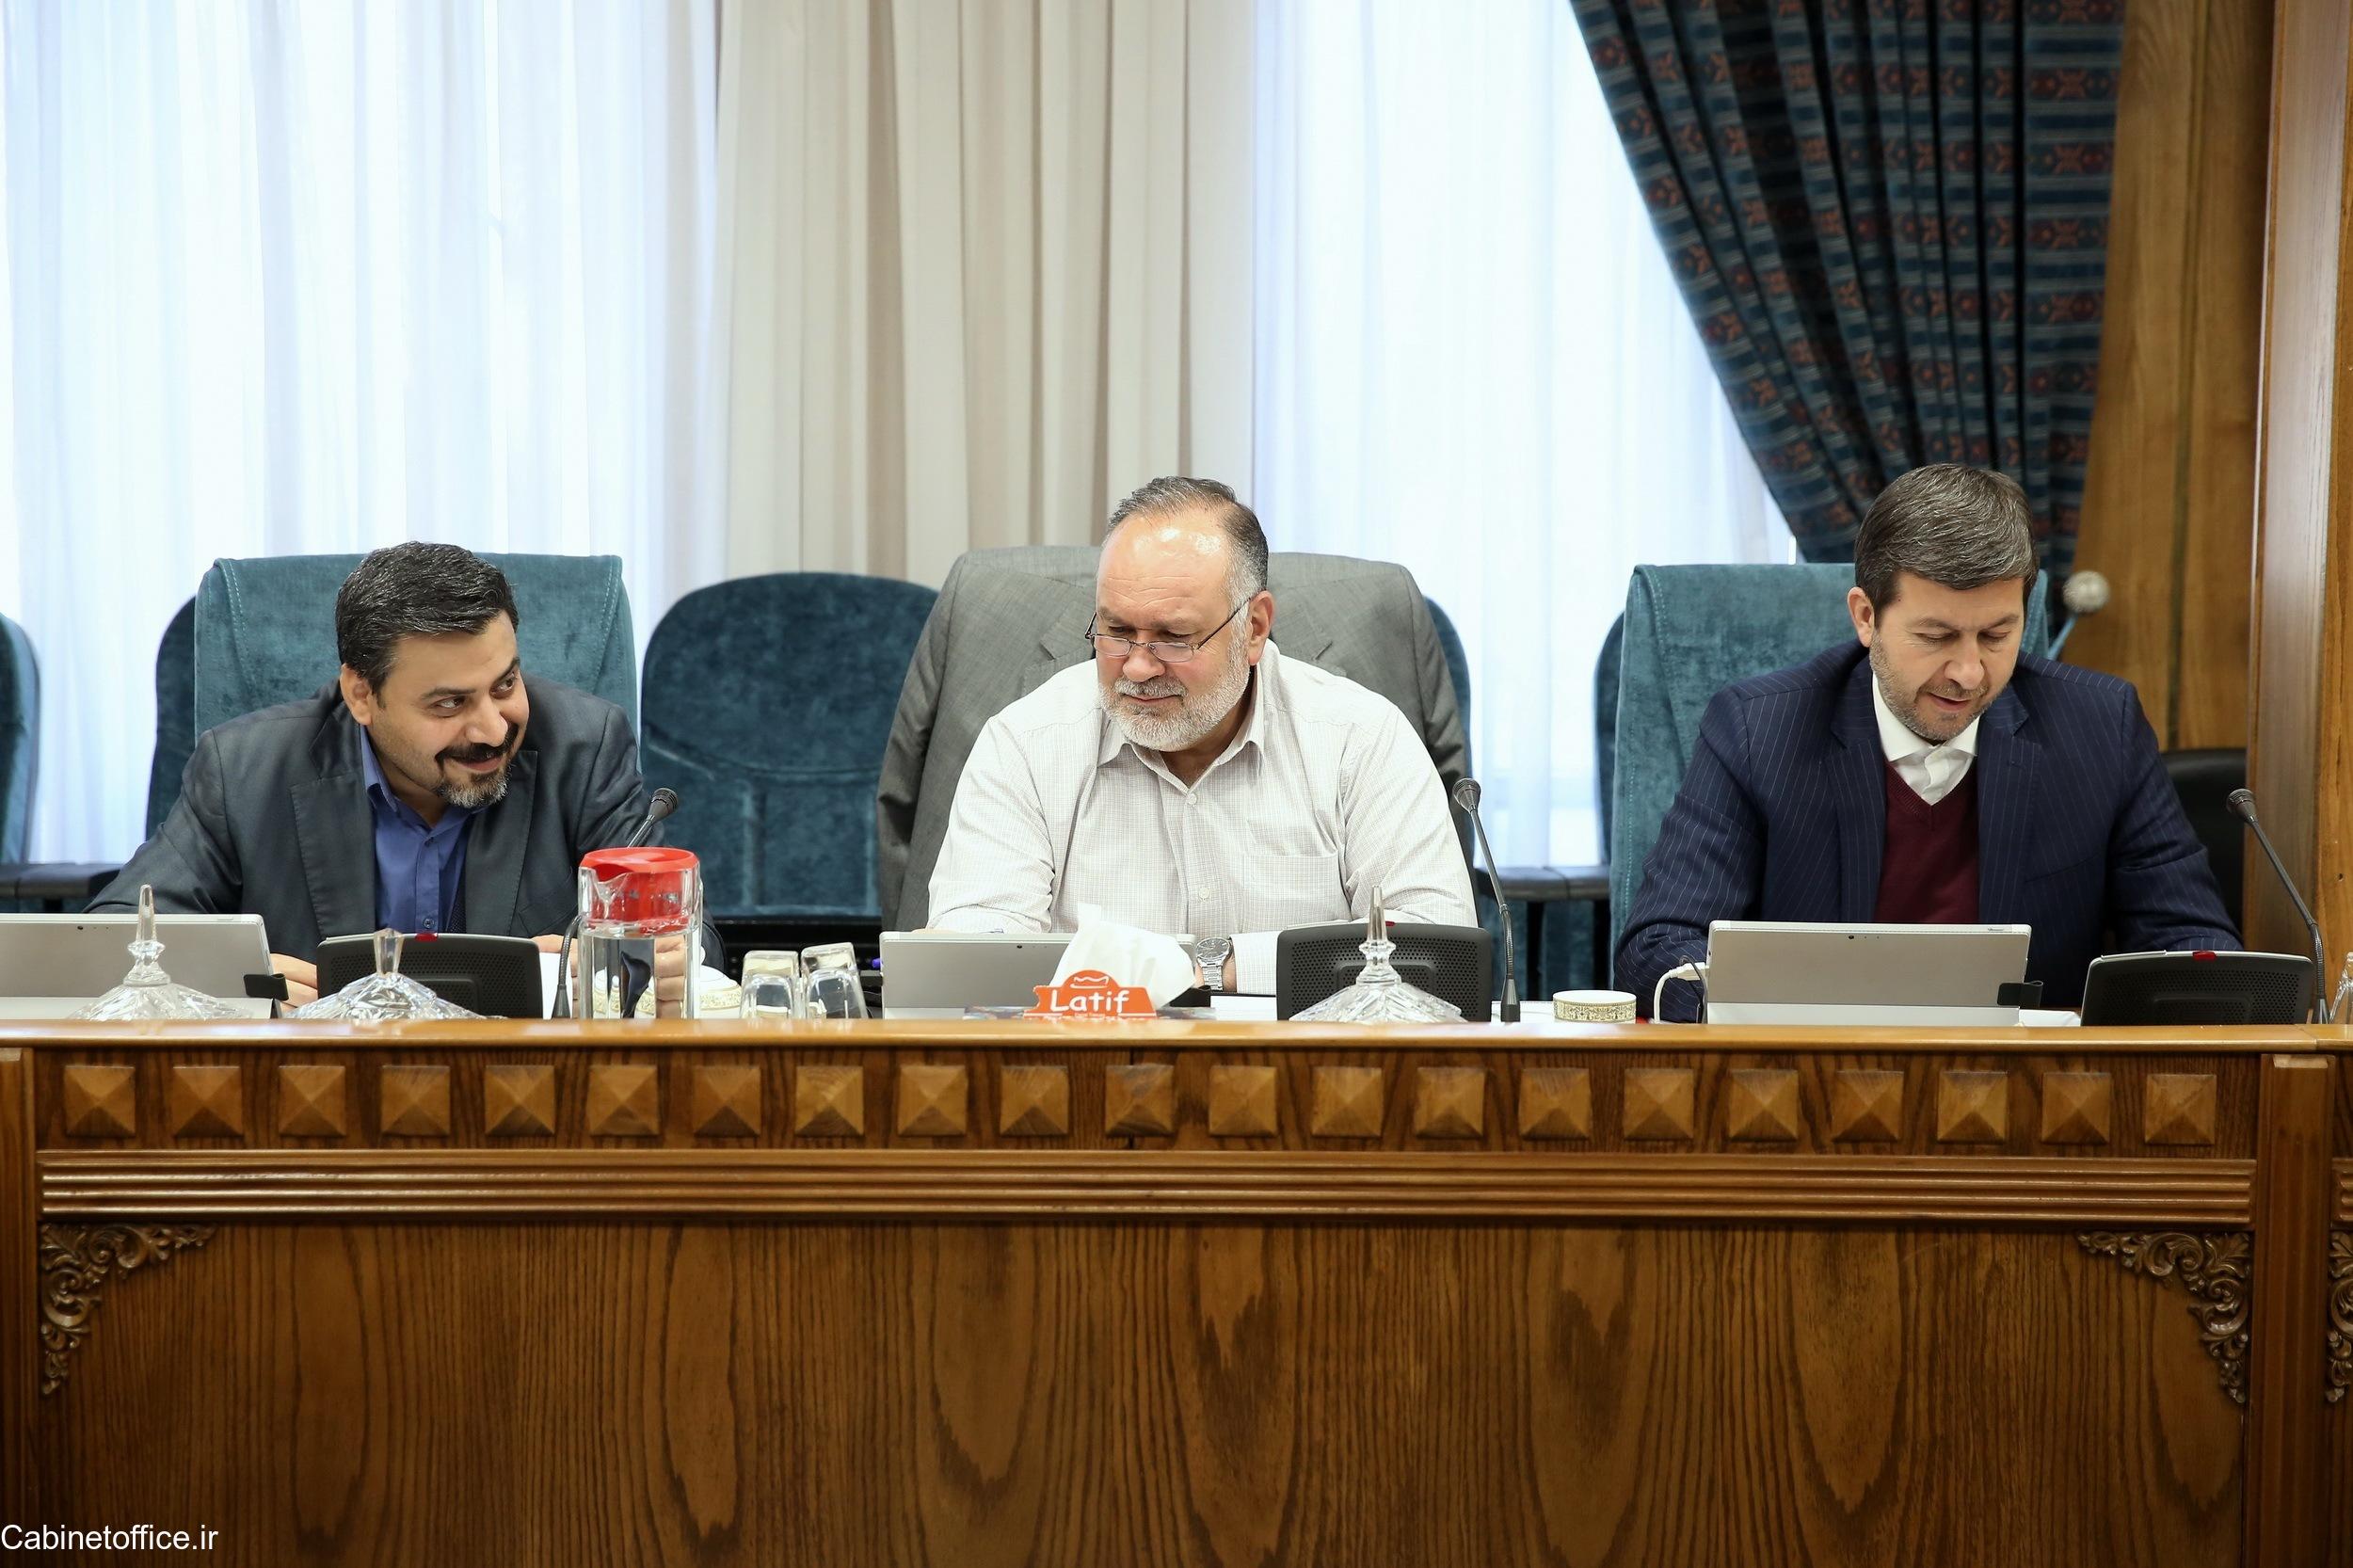 تشکیل جلسه اصلی کمیسیون امور زیربنایی، صنعت و محیط زیست در تاریخ 25 آذر ماه 1397